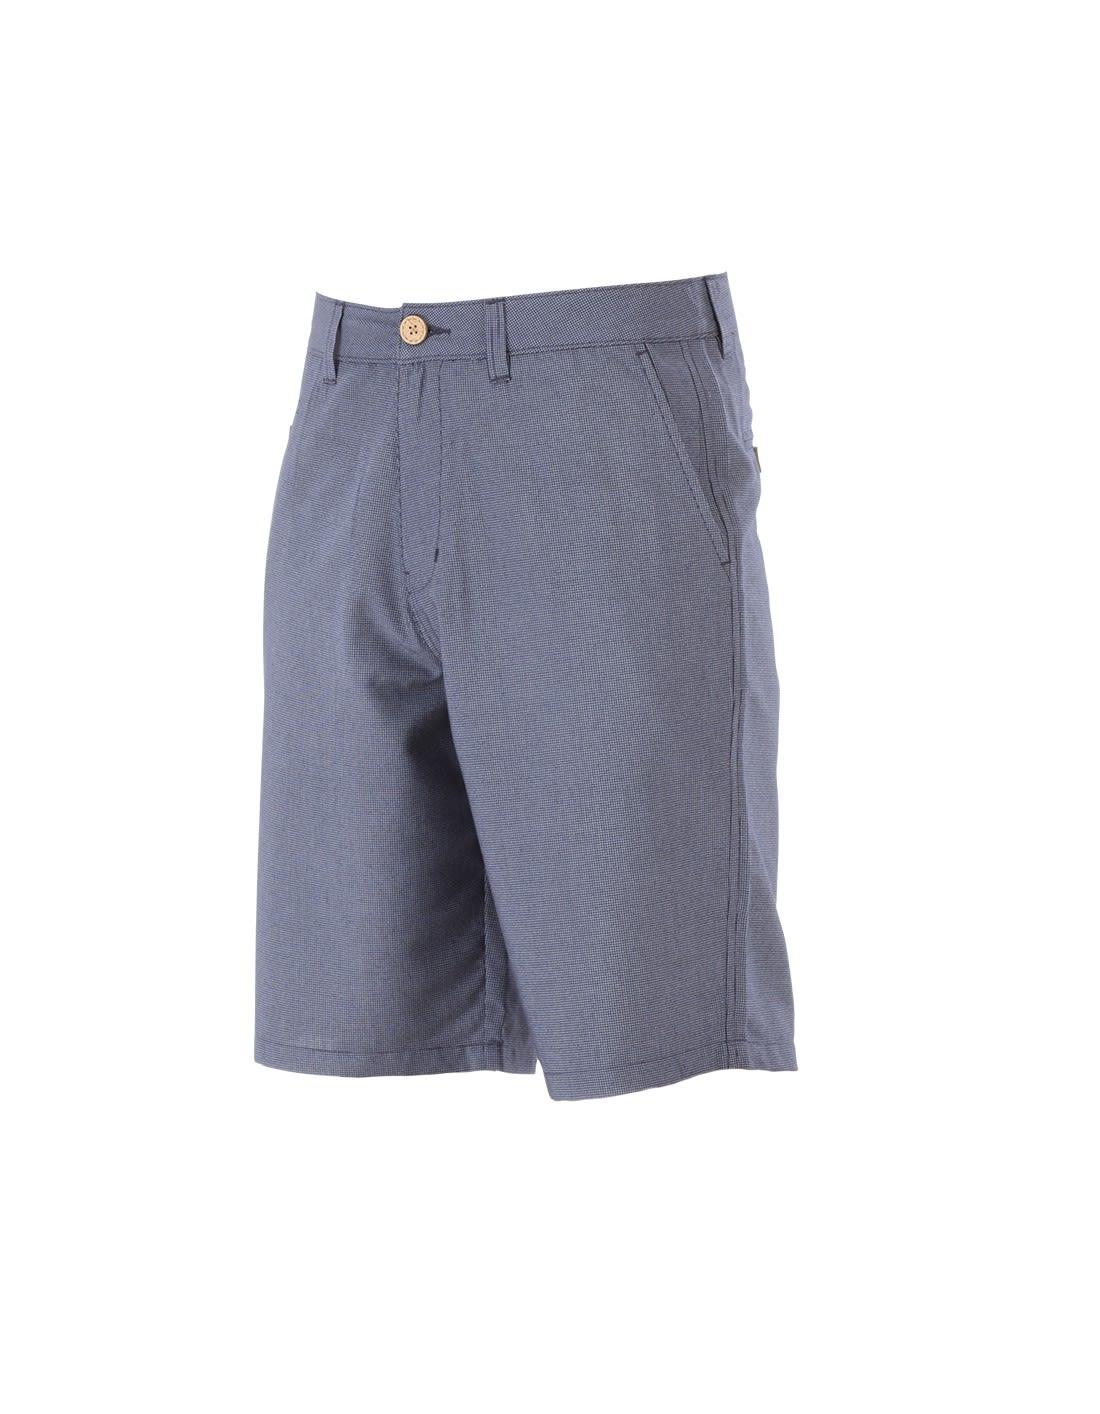 Picture M MOA Shorts (Modell Sommer 2017) | Größe 30 | Herren